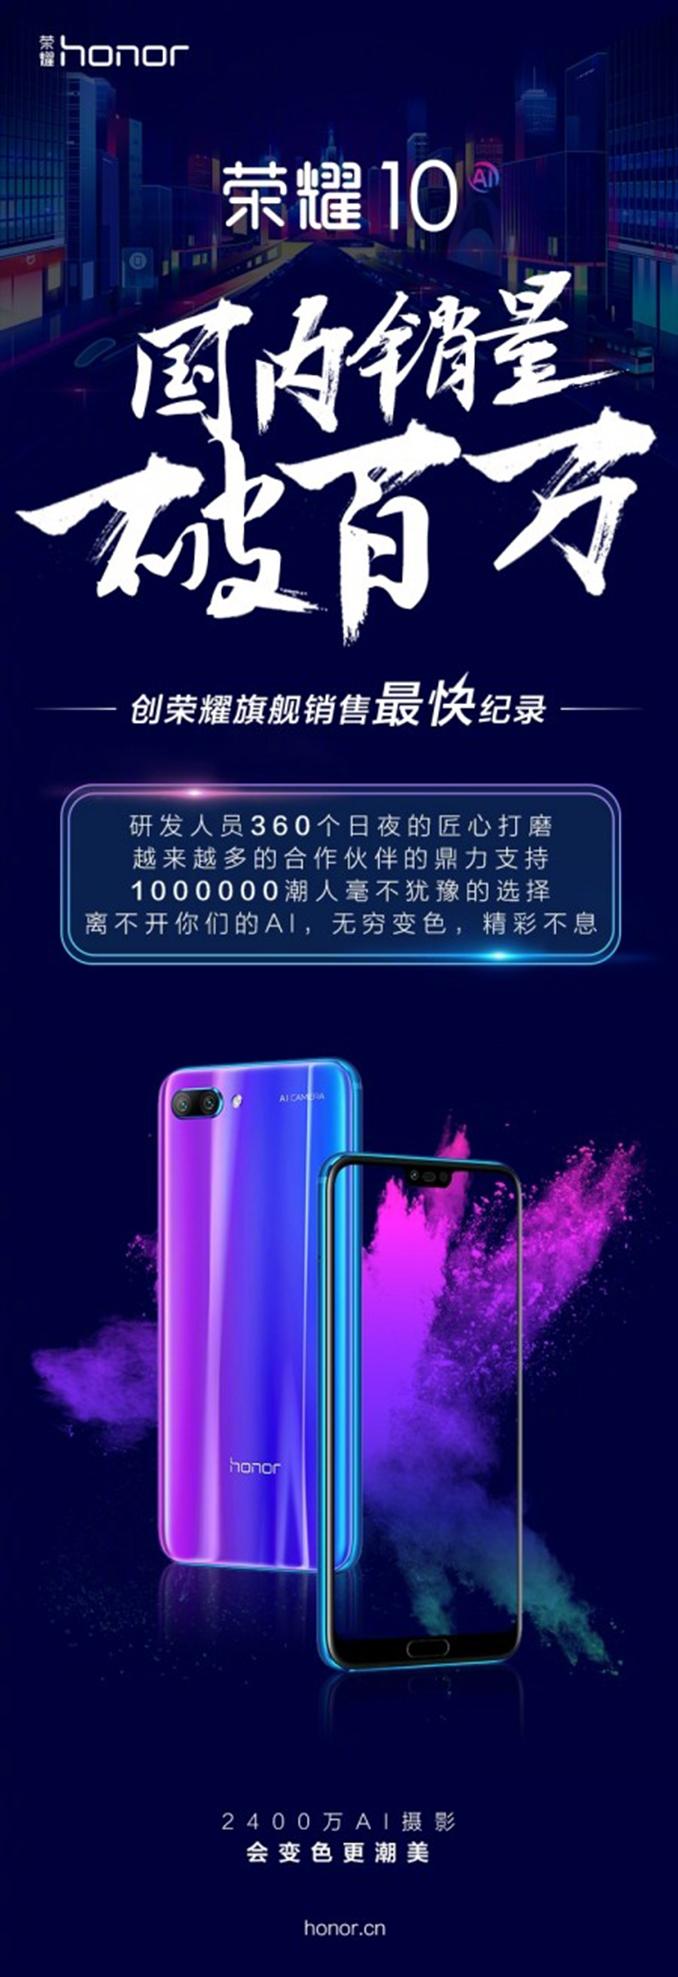 honor 10 1 миллион в китае